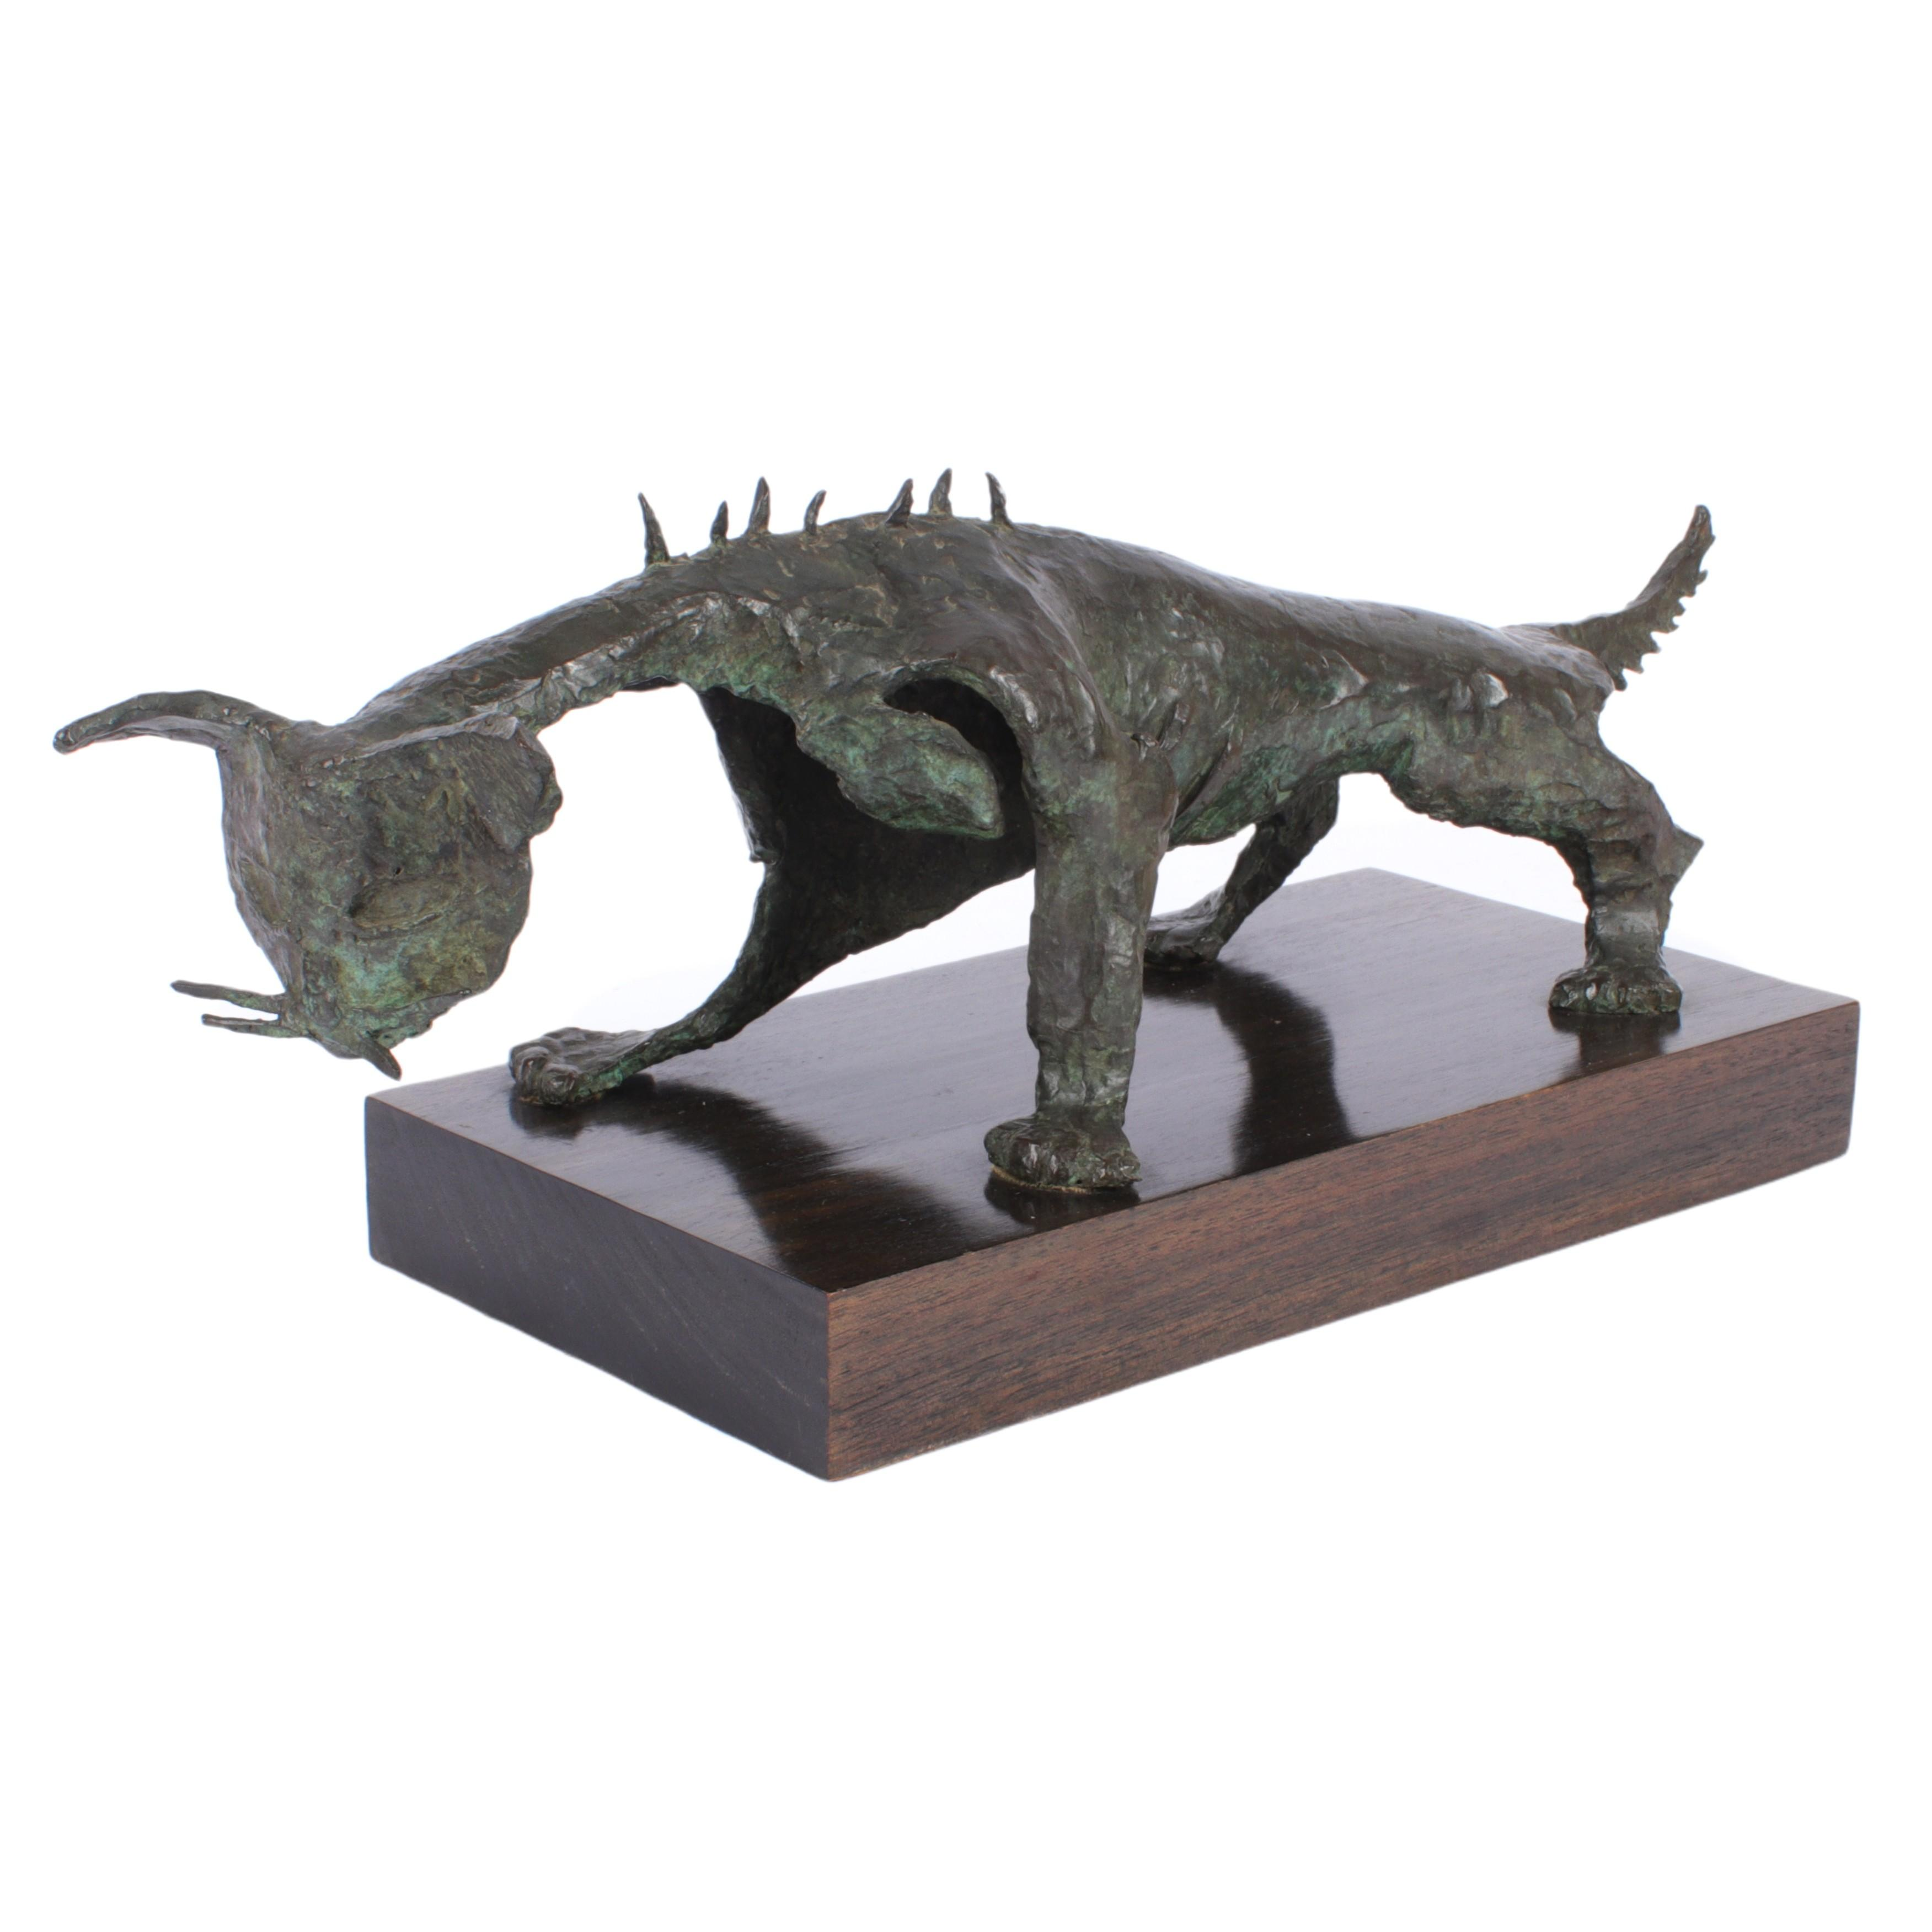 """Angel Botello, Puerto Rico, Haiti, Spain (1913-1986), El Gato Feo, Cast #1, bronze sculpture, 9"""" H x 22 1/4"""" W x 8"""" D"""